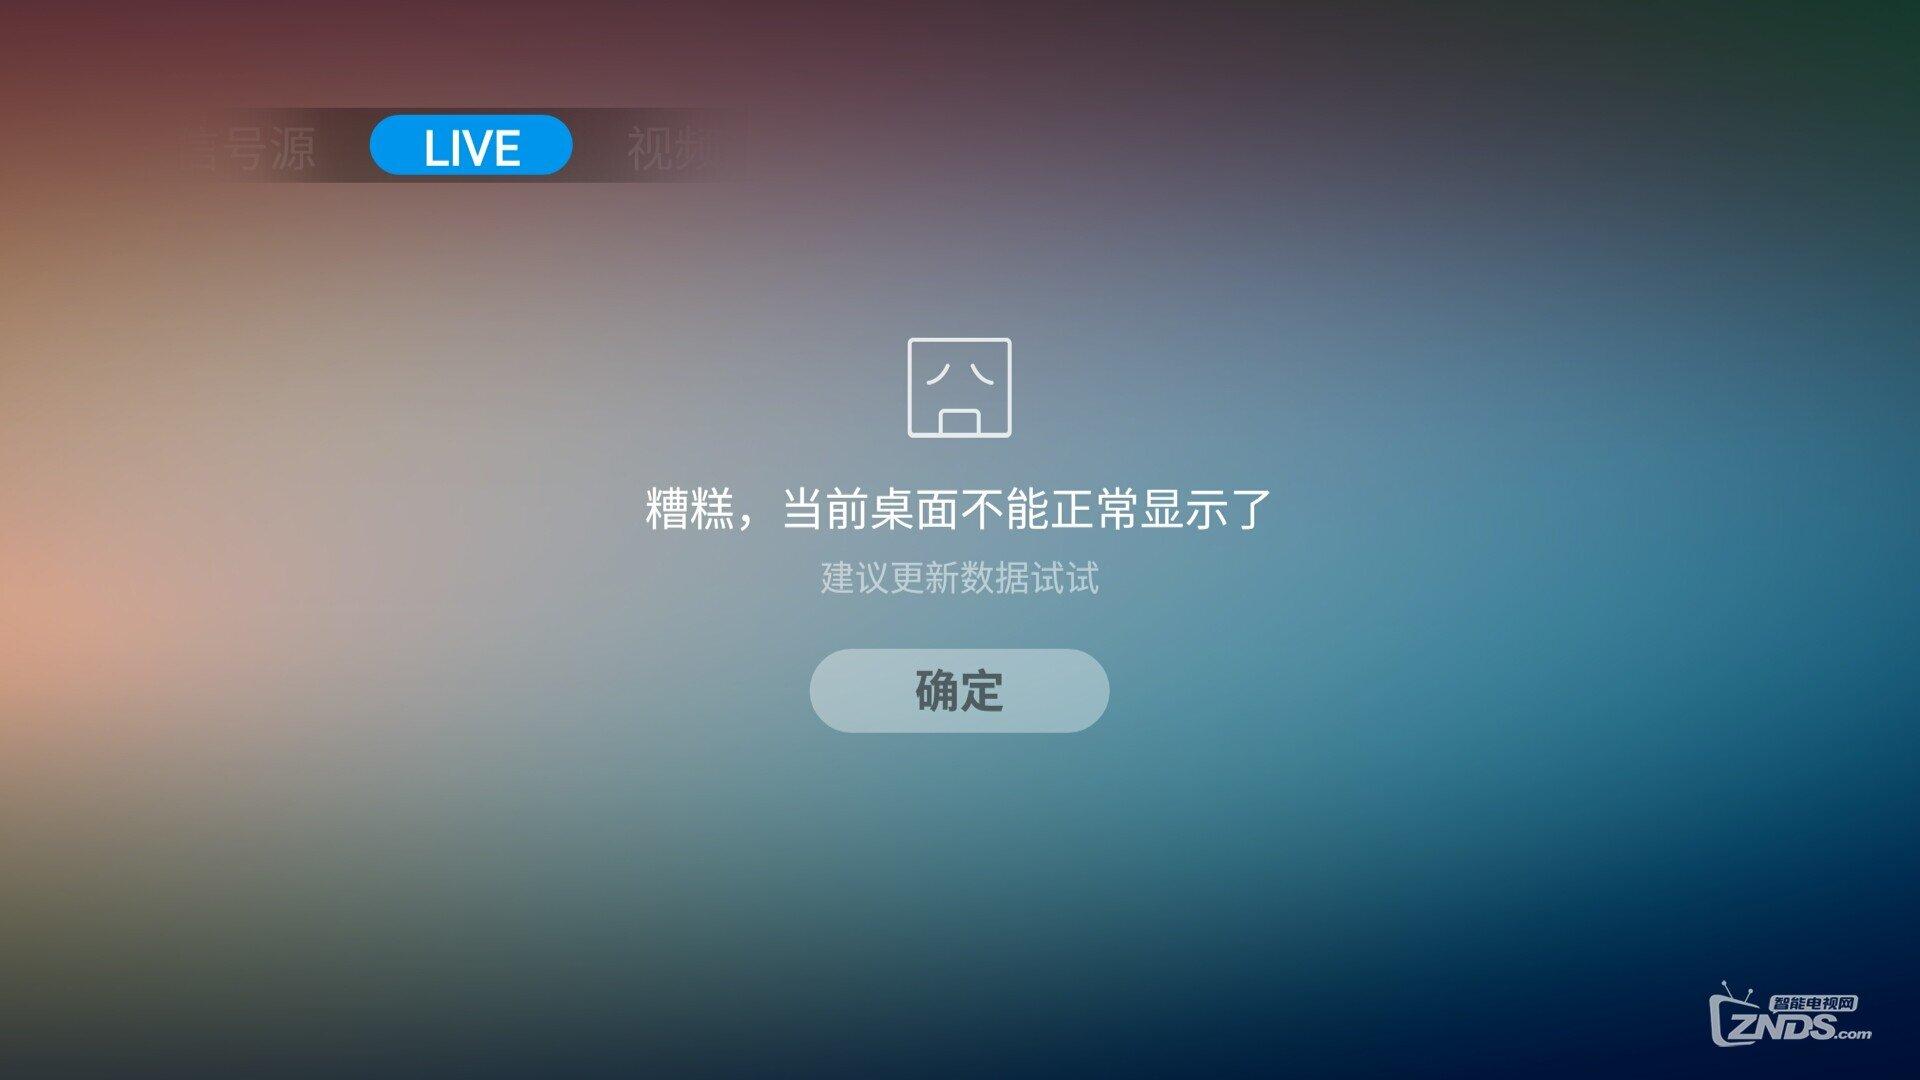 Screenshot_2018-04-09-10-21-58.jpg